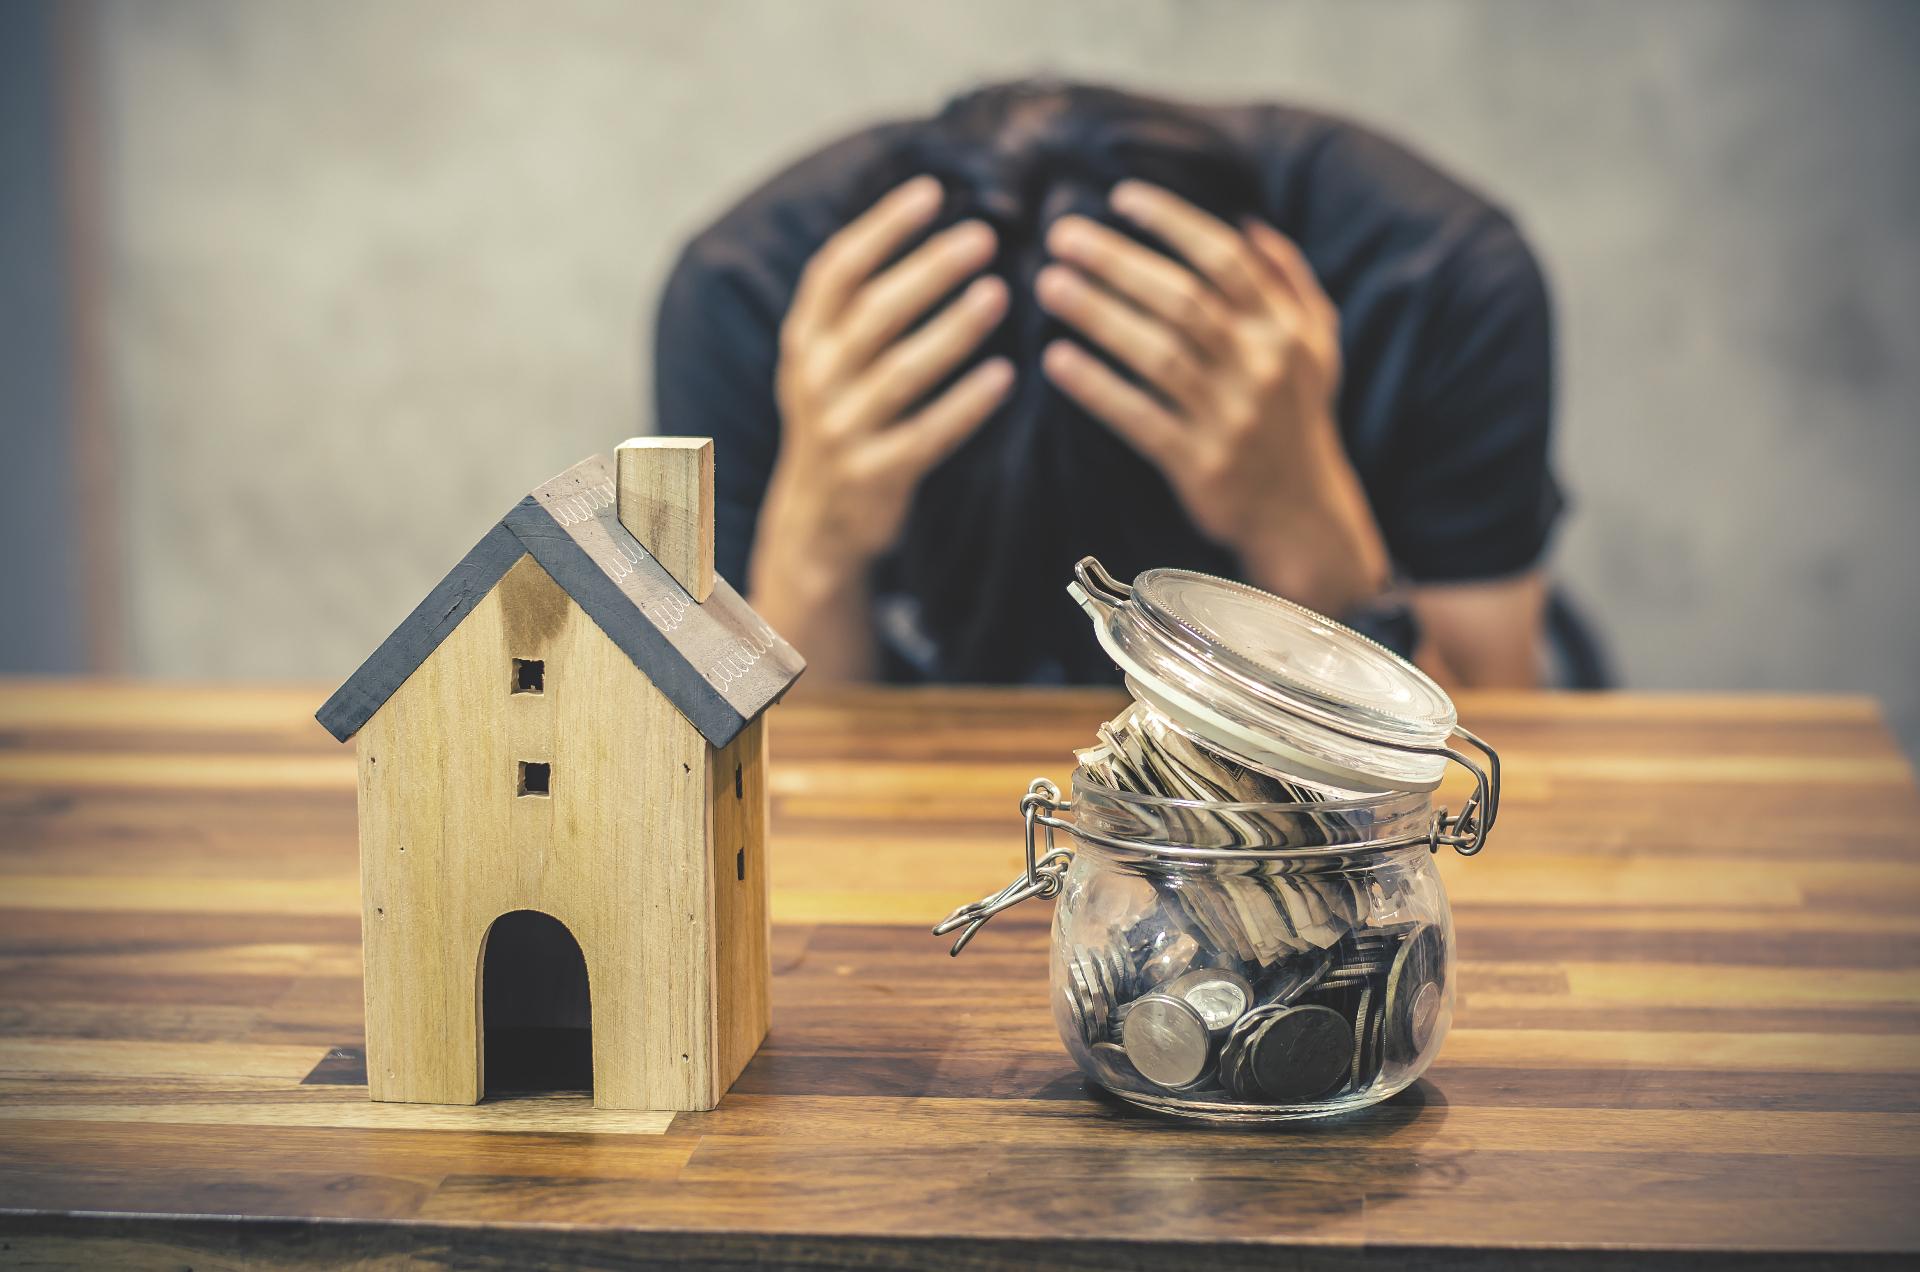 Ипотечник, попавший в трудную ситуацию, также может попросить у банка отсрочку по платежам